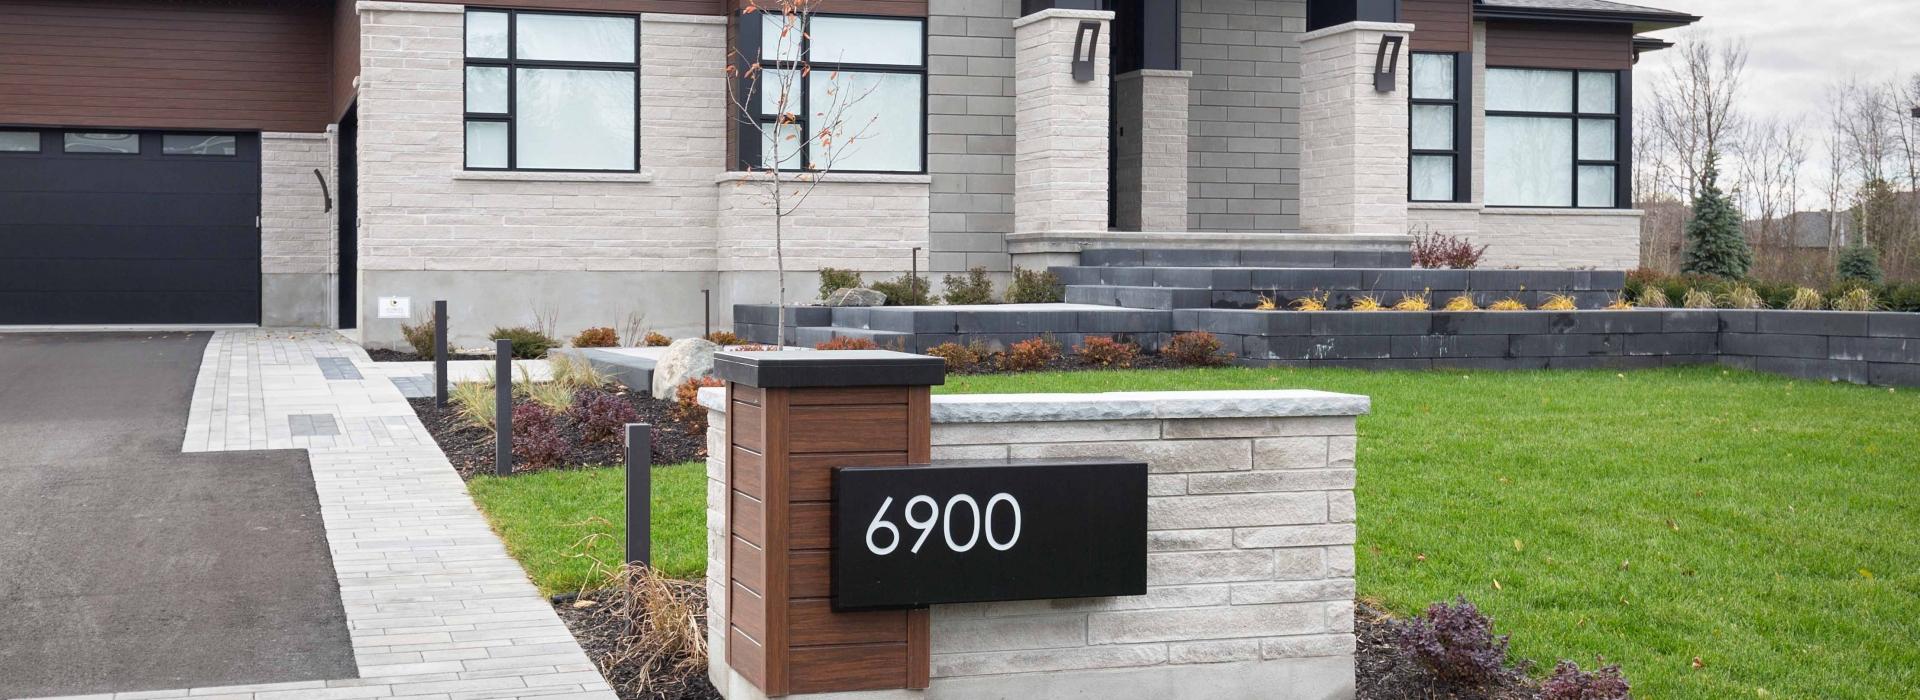 Address wall